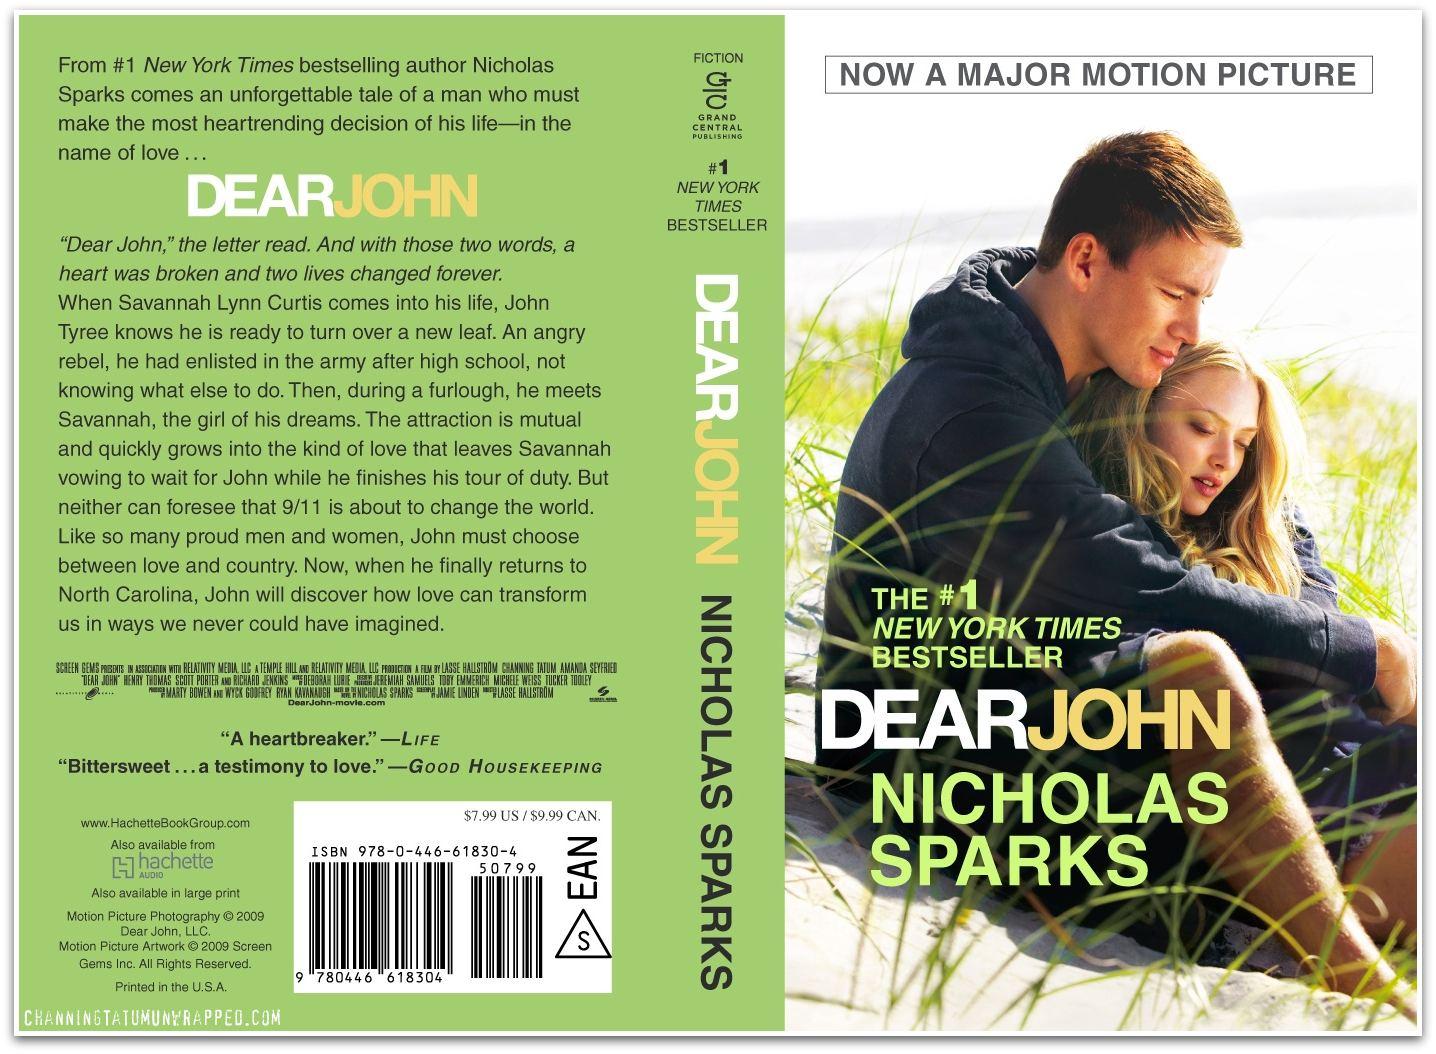 http://3.bp.blogspot.com/_3rhHp3b30NU/S8xB2QPTgpI/AAAAAAAAAKg/pSDcBCESzZs/s1600/dear-john-paperback-channing-tatum-amanda-seyfried.jpg